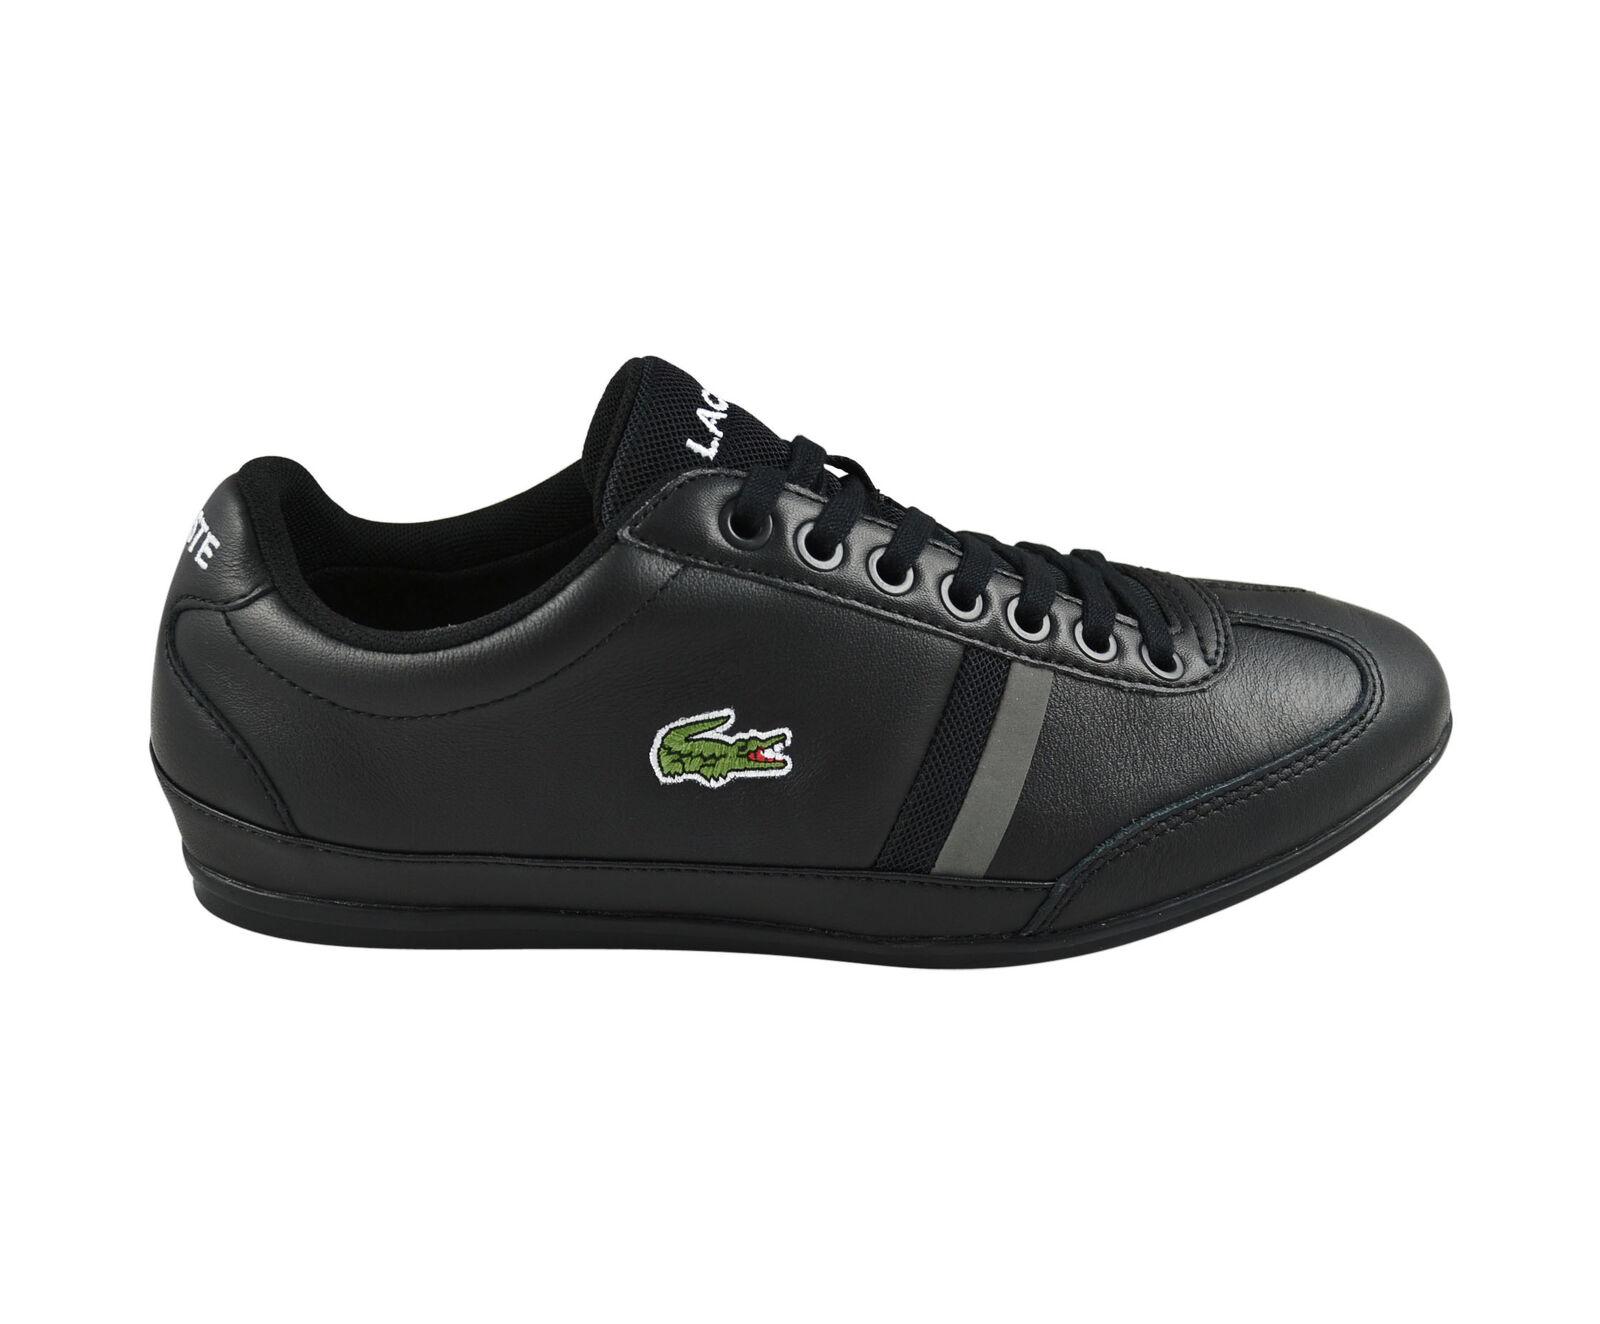 Lacoste Misano Sport 116 1 SPM black Schuhe/Sneaker - schwarz